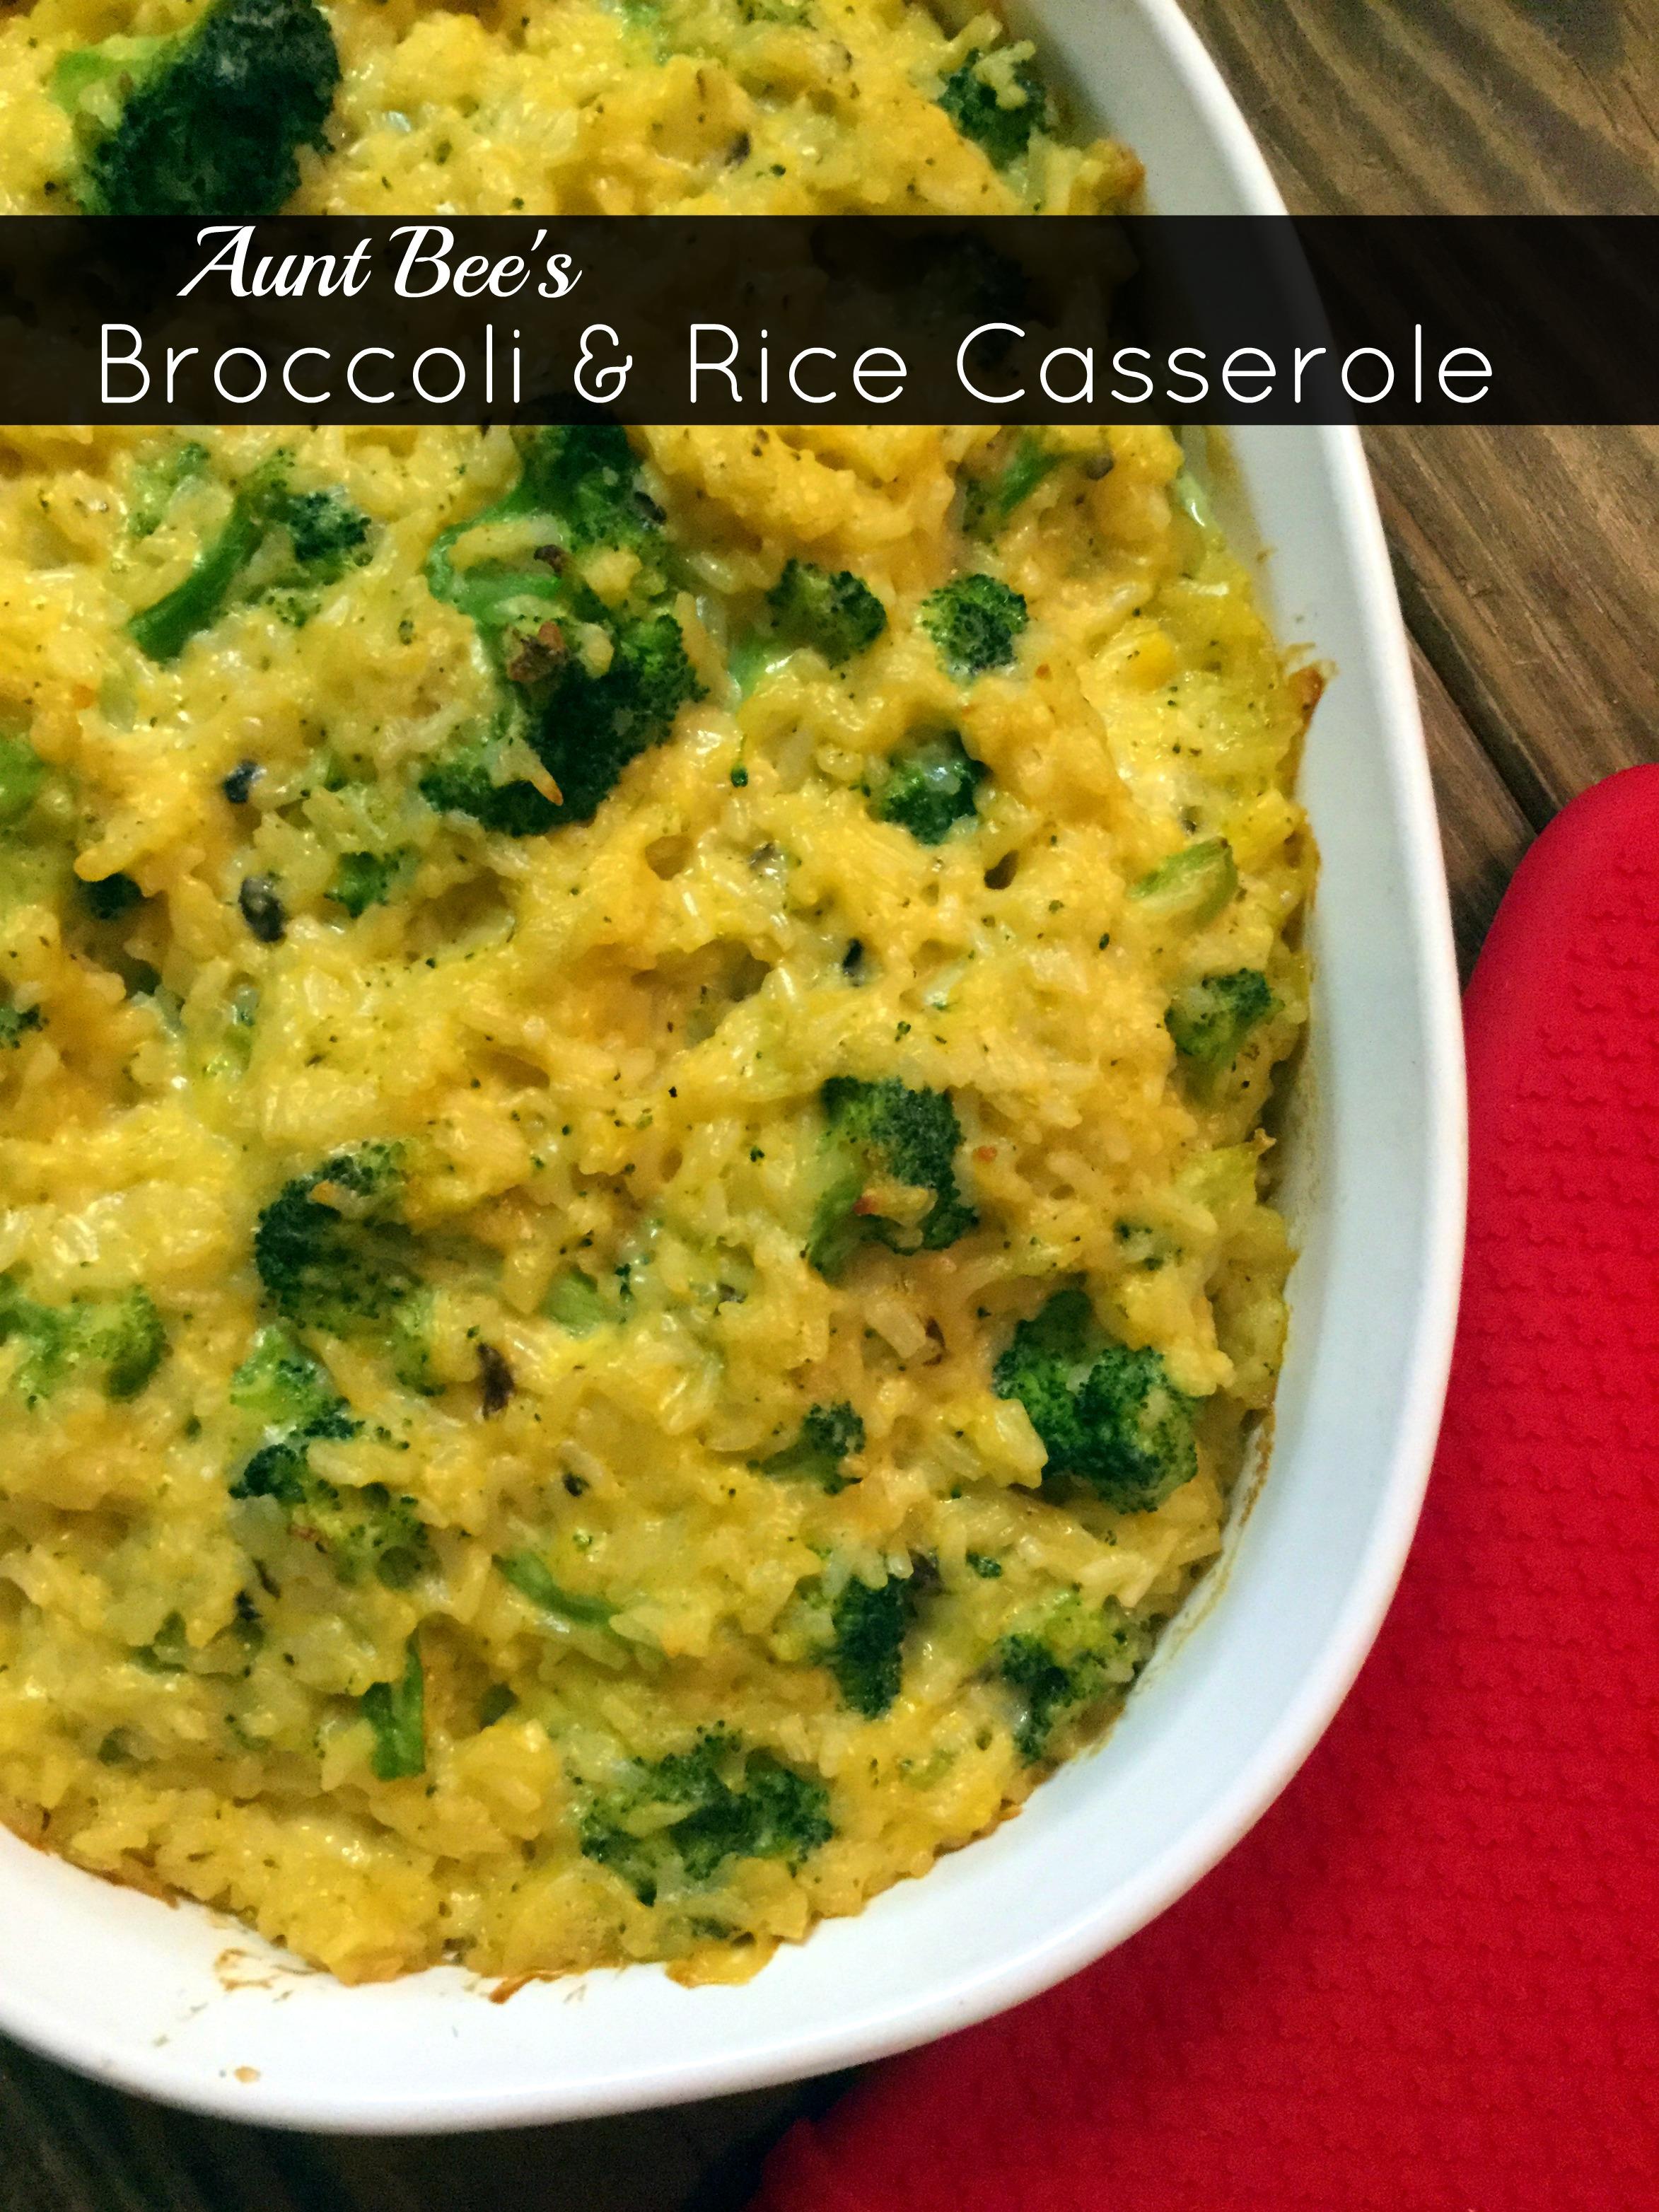 Broccoli rice casserole recipe dishmaps for Broccoli casserole with fresh broccoli